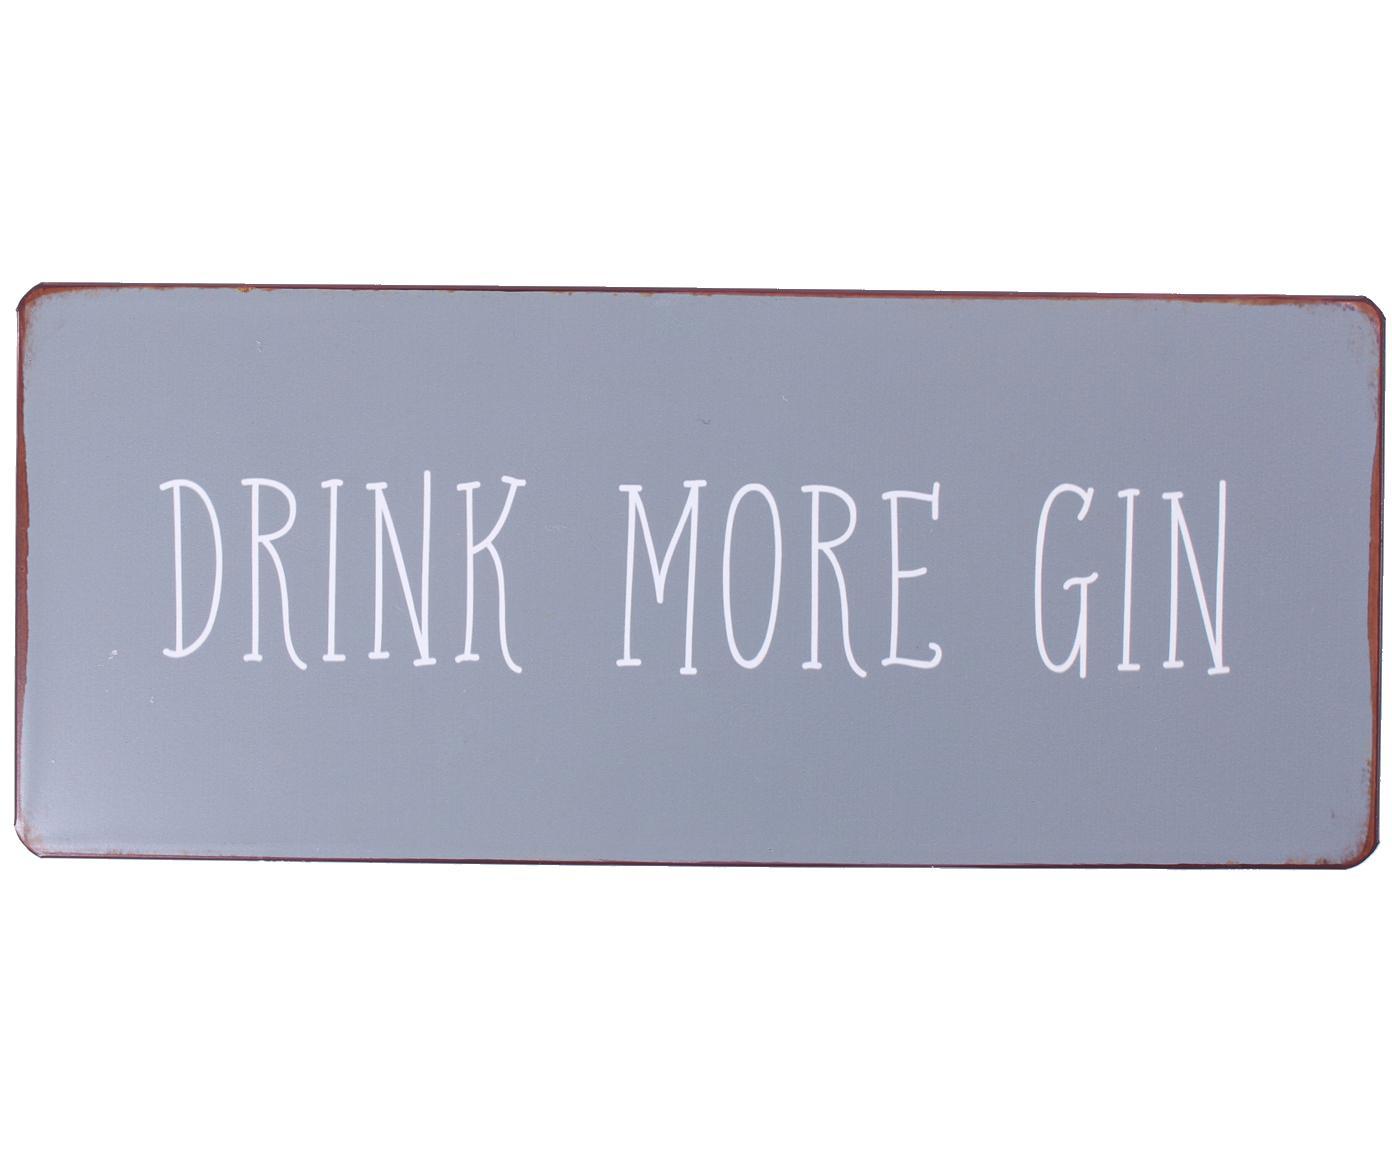 Cartello Drink more gin, Metallo, coperto con una pellicola a motivo, Grigio, bianco, color ruggine, Larg. 31 x Alt. 13 cm